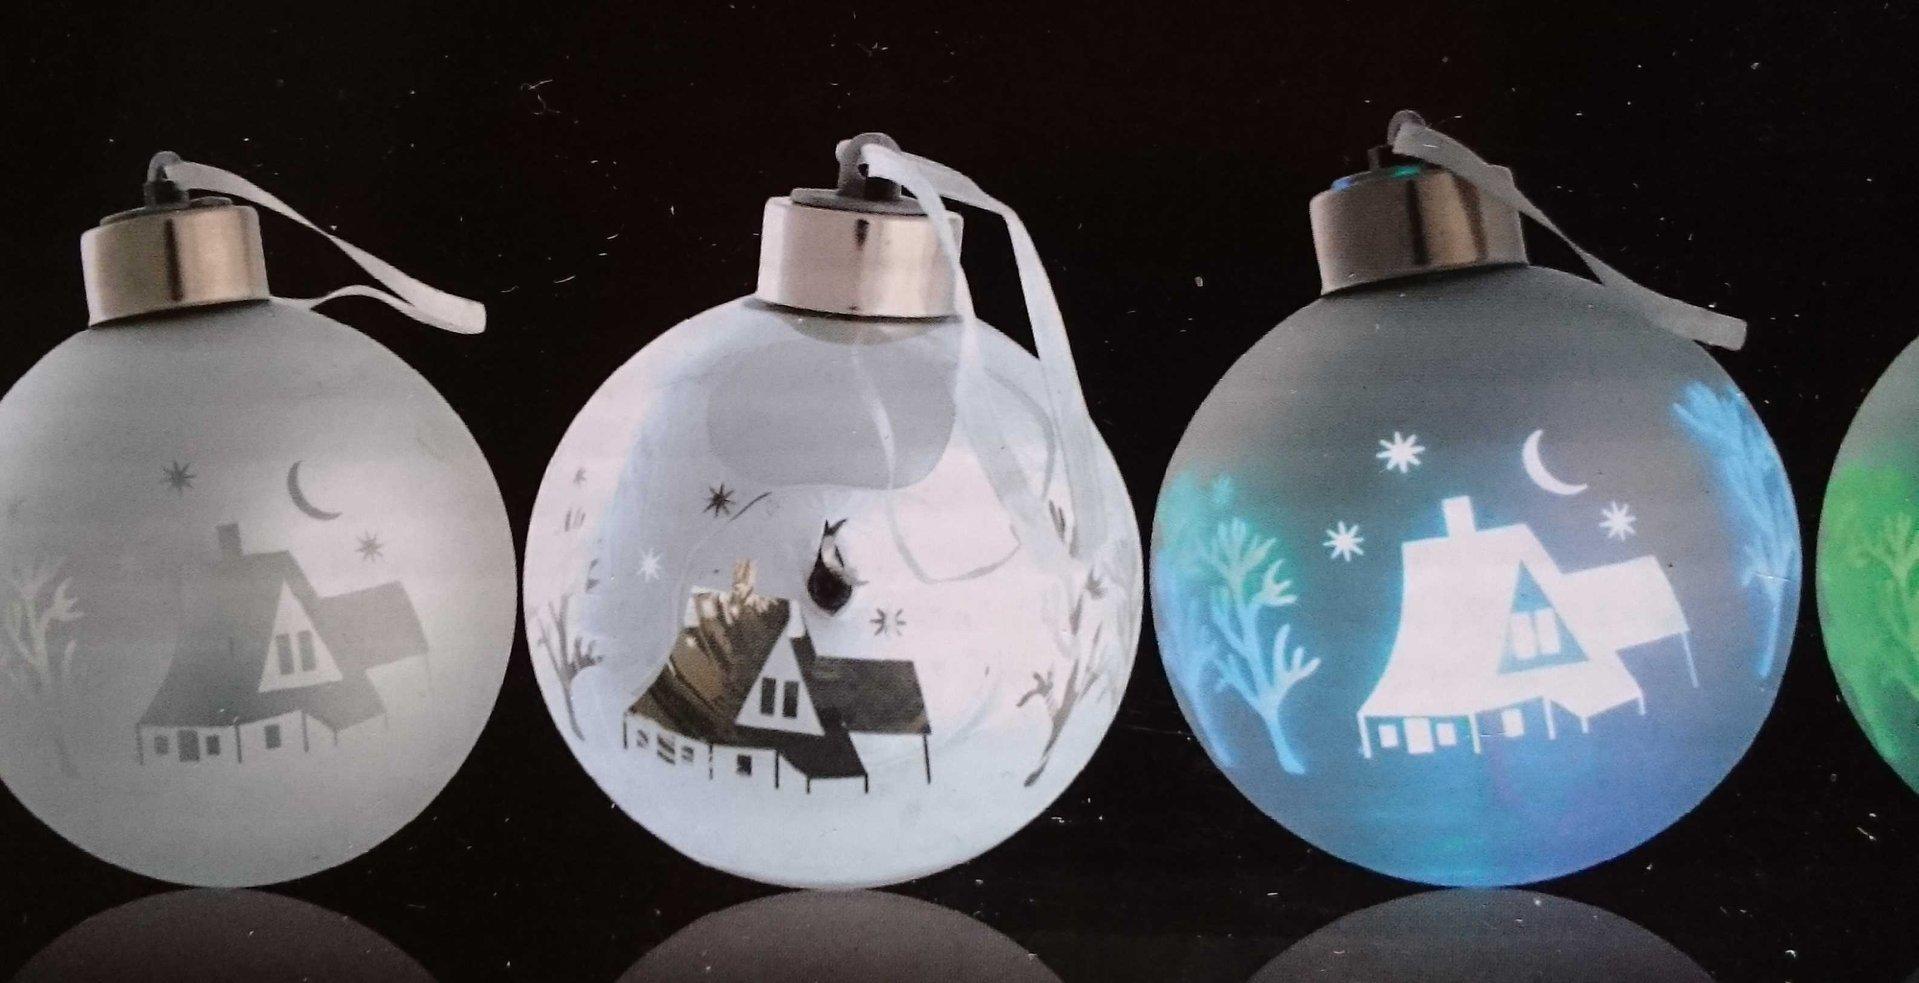 Led christmas ball glass dekokugel lights multicolor